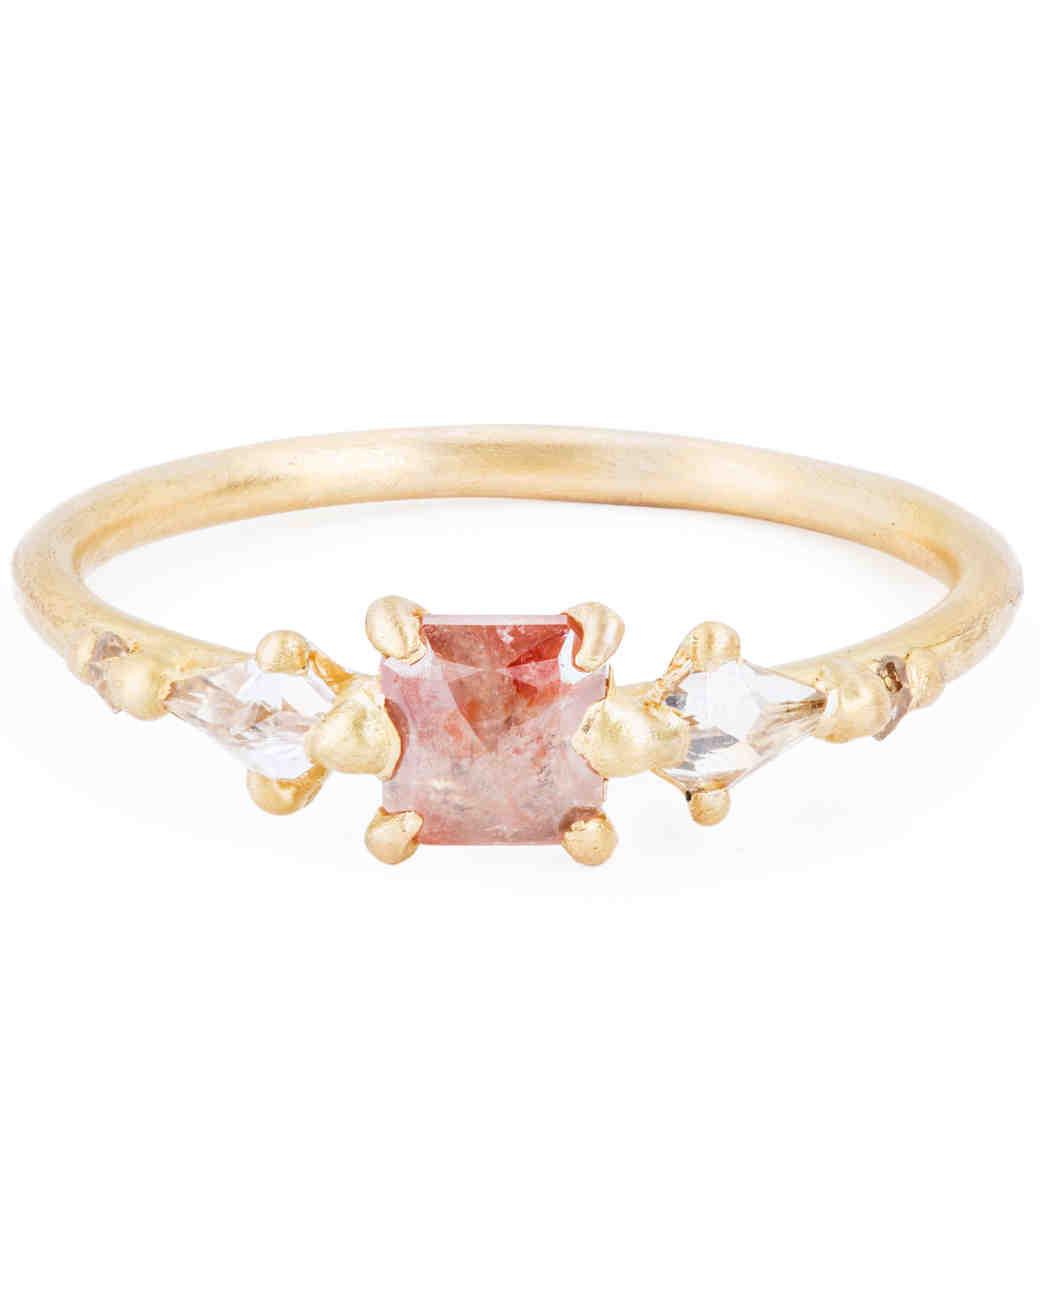 Polly Wales Princess-Cut Engagement Ring